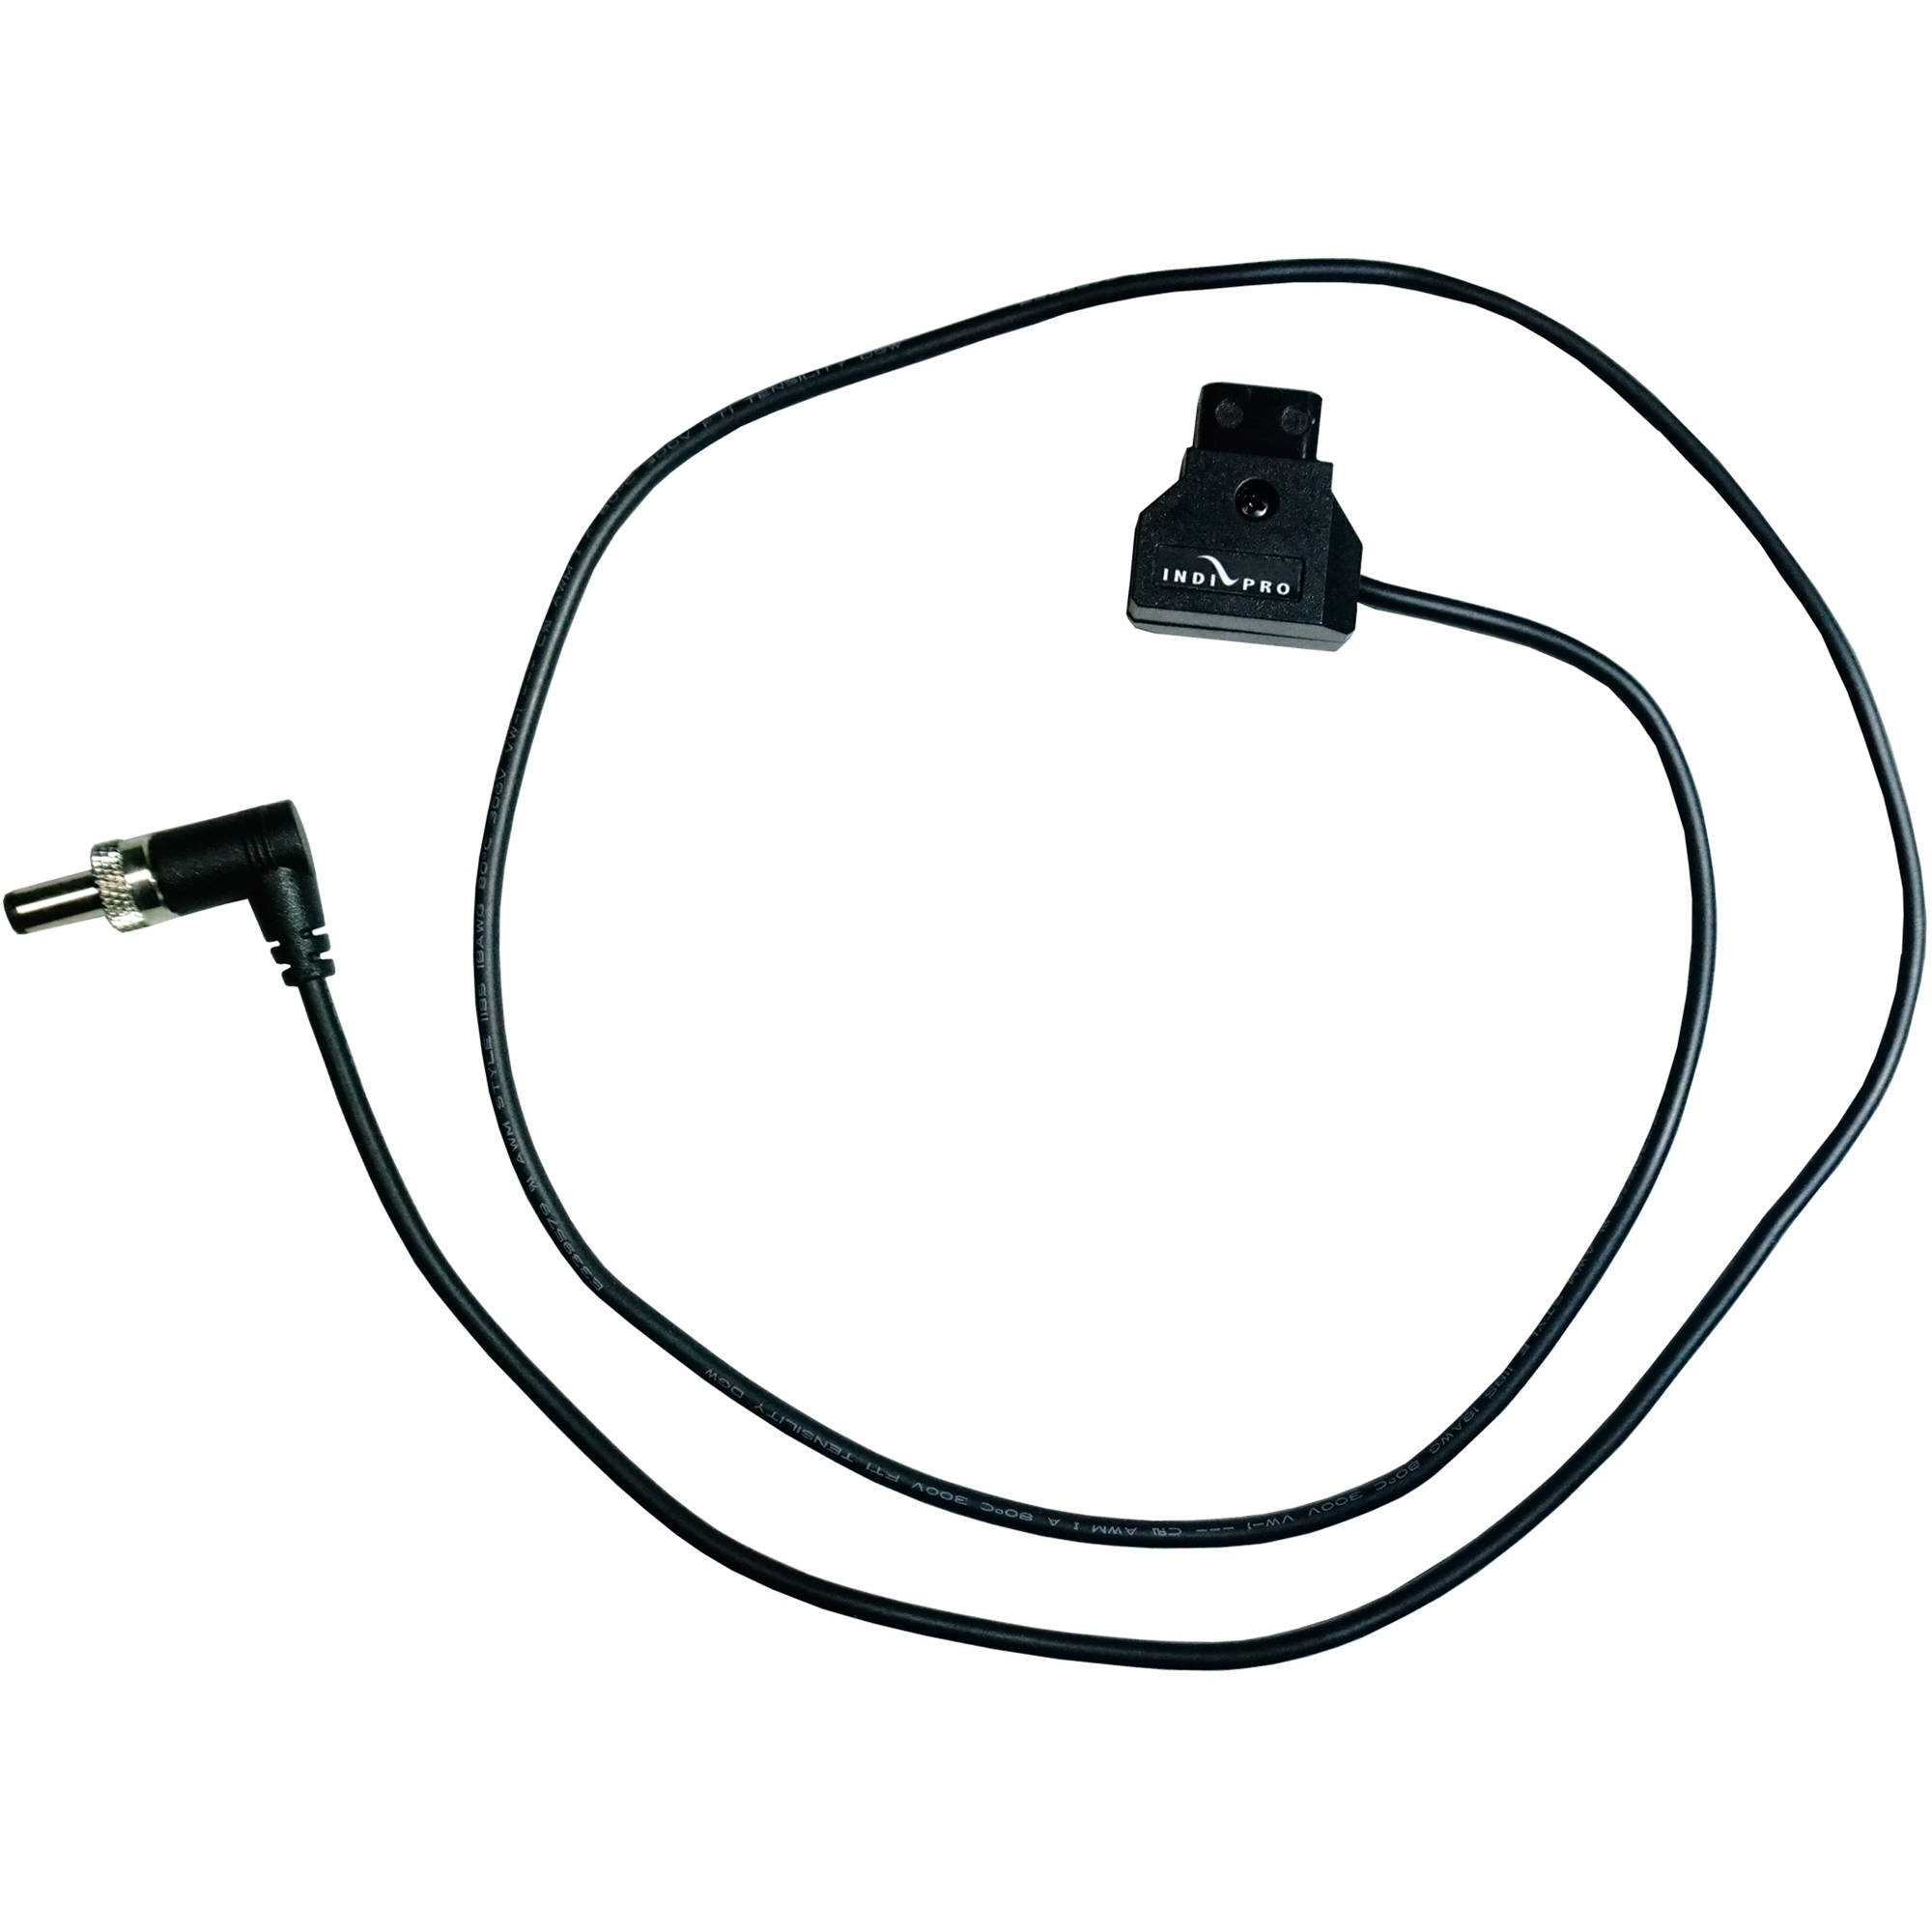 IndiPRO Tools D-Tap to DECIMATOR DC Barrel Cable (2.5mm)